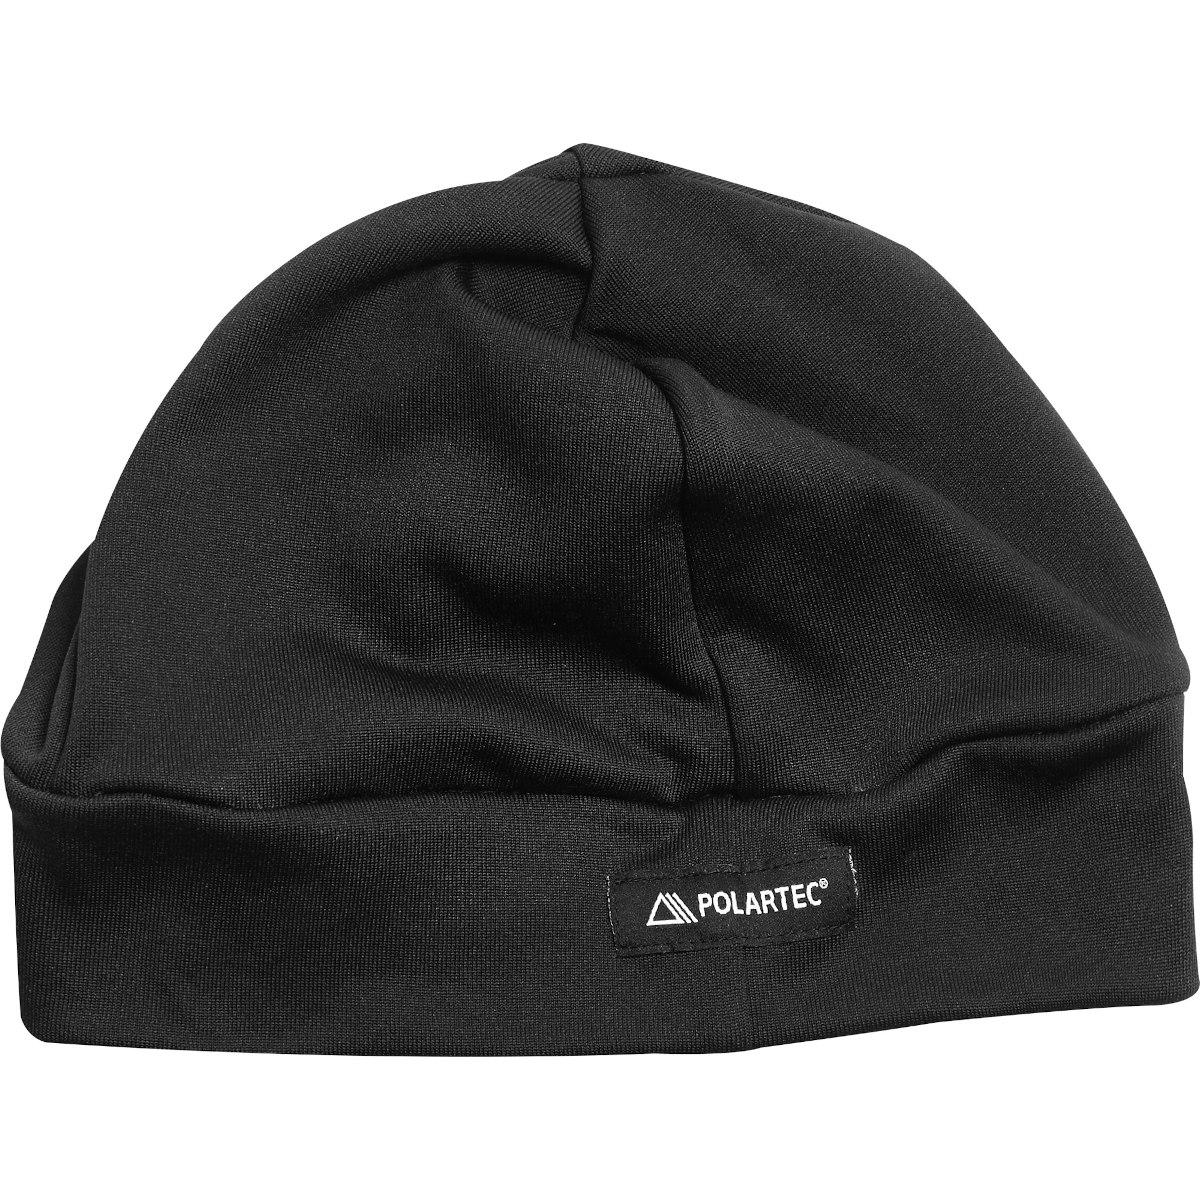 Image of FOX Polartec Skull Cap - black